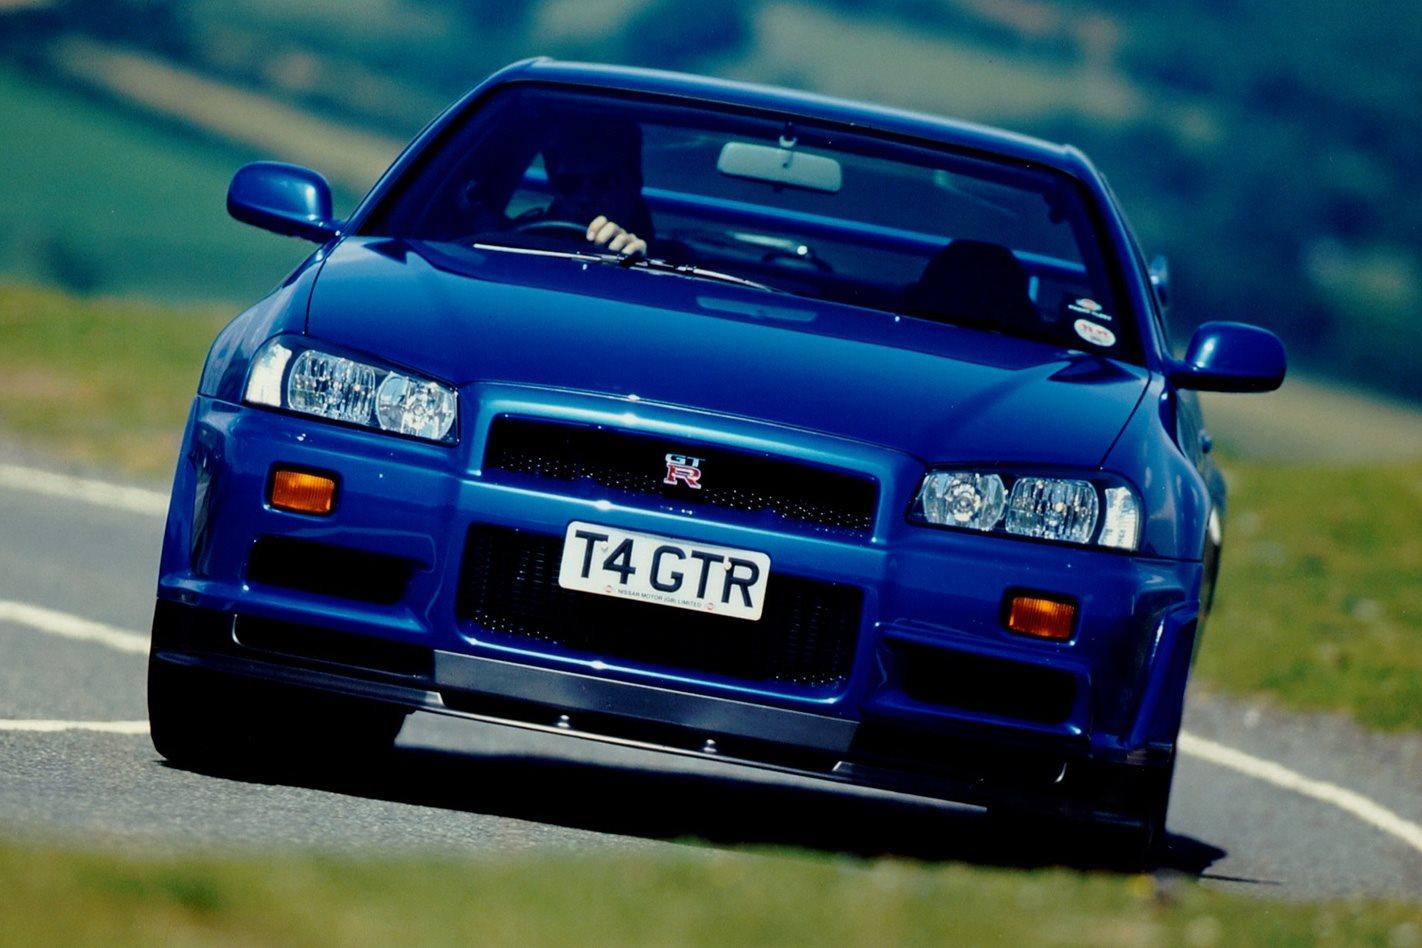 Nissan E34 Skyline GT-R